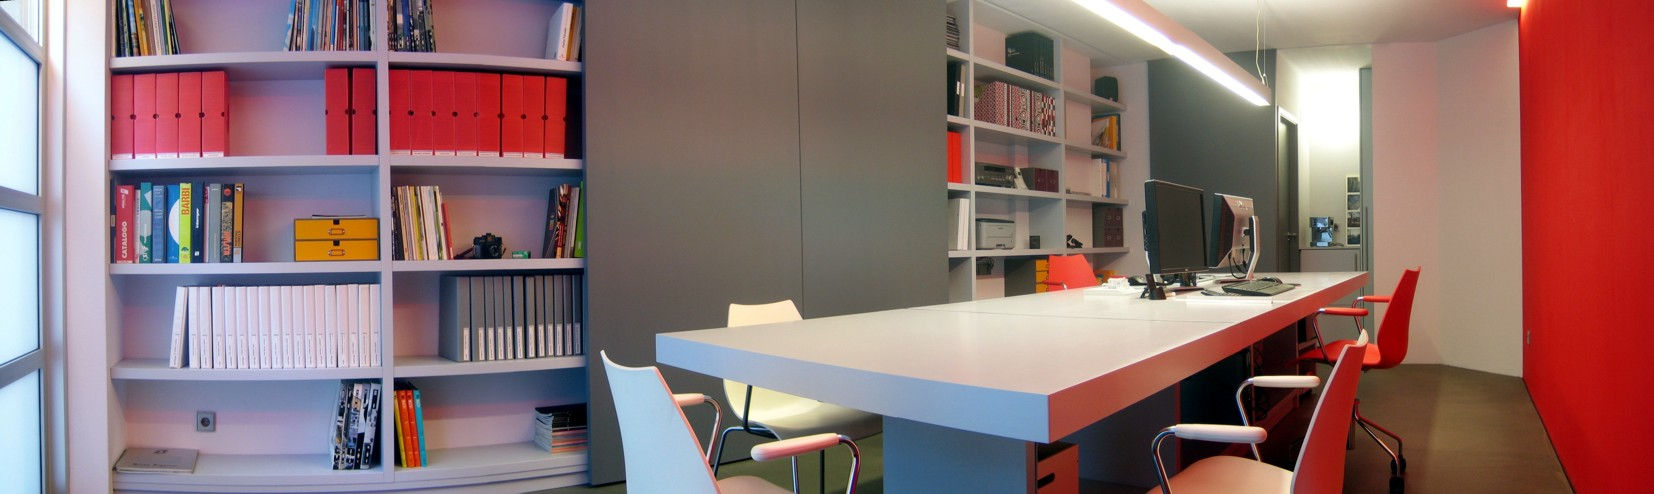 Estudio ad arquitectura - Estudio arquitectura barcelona ...